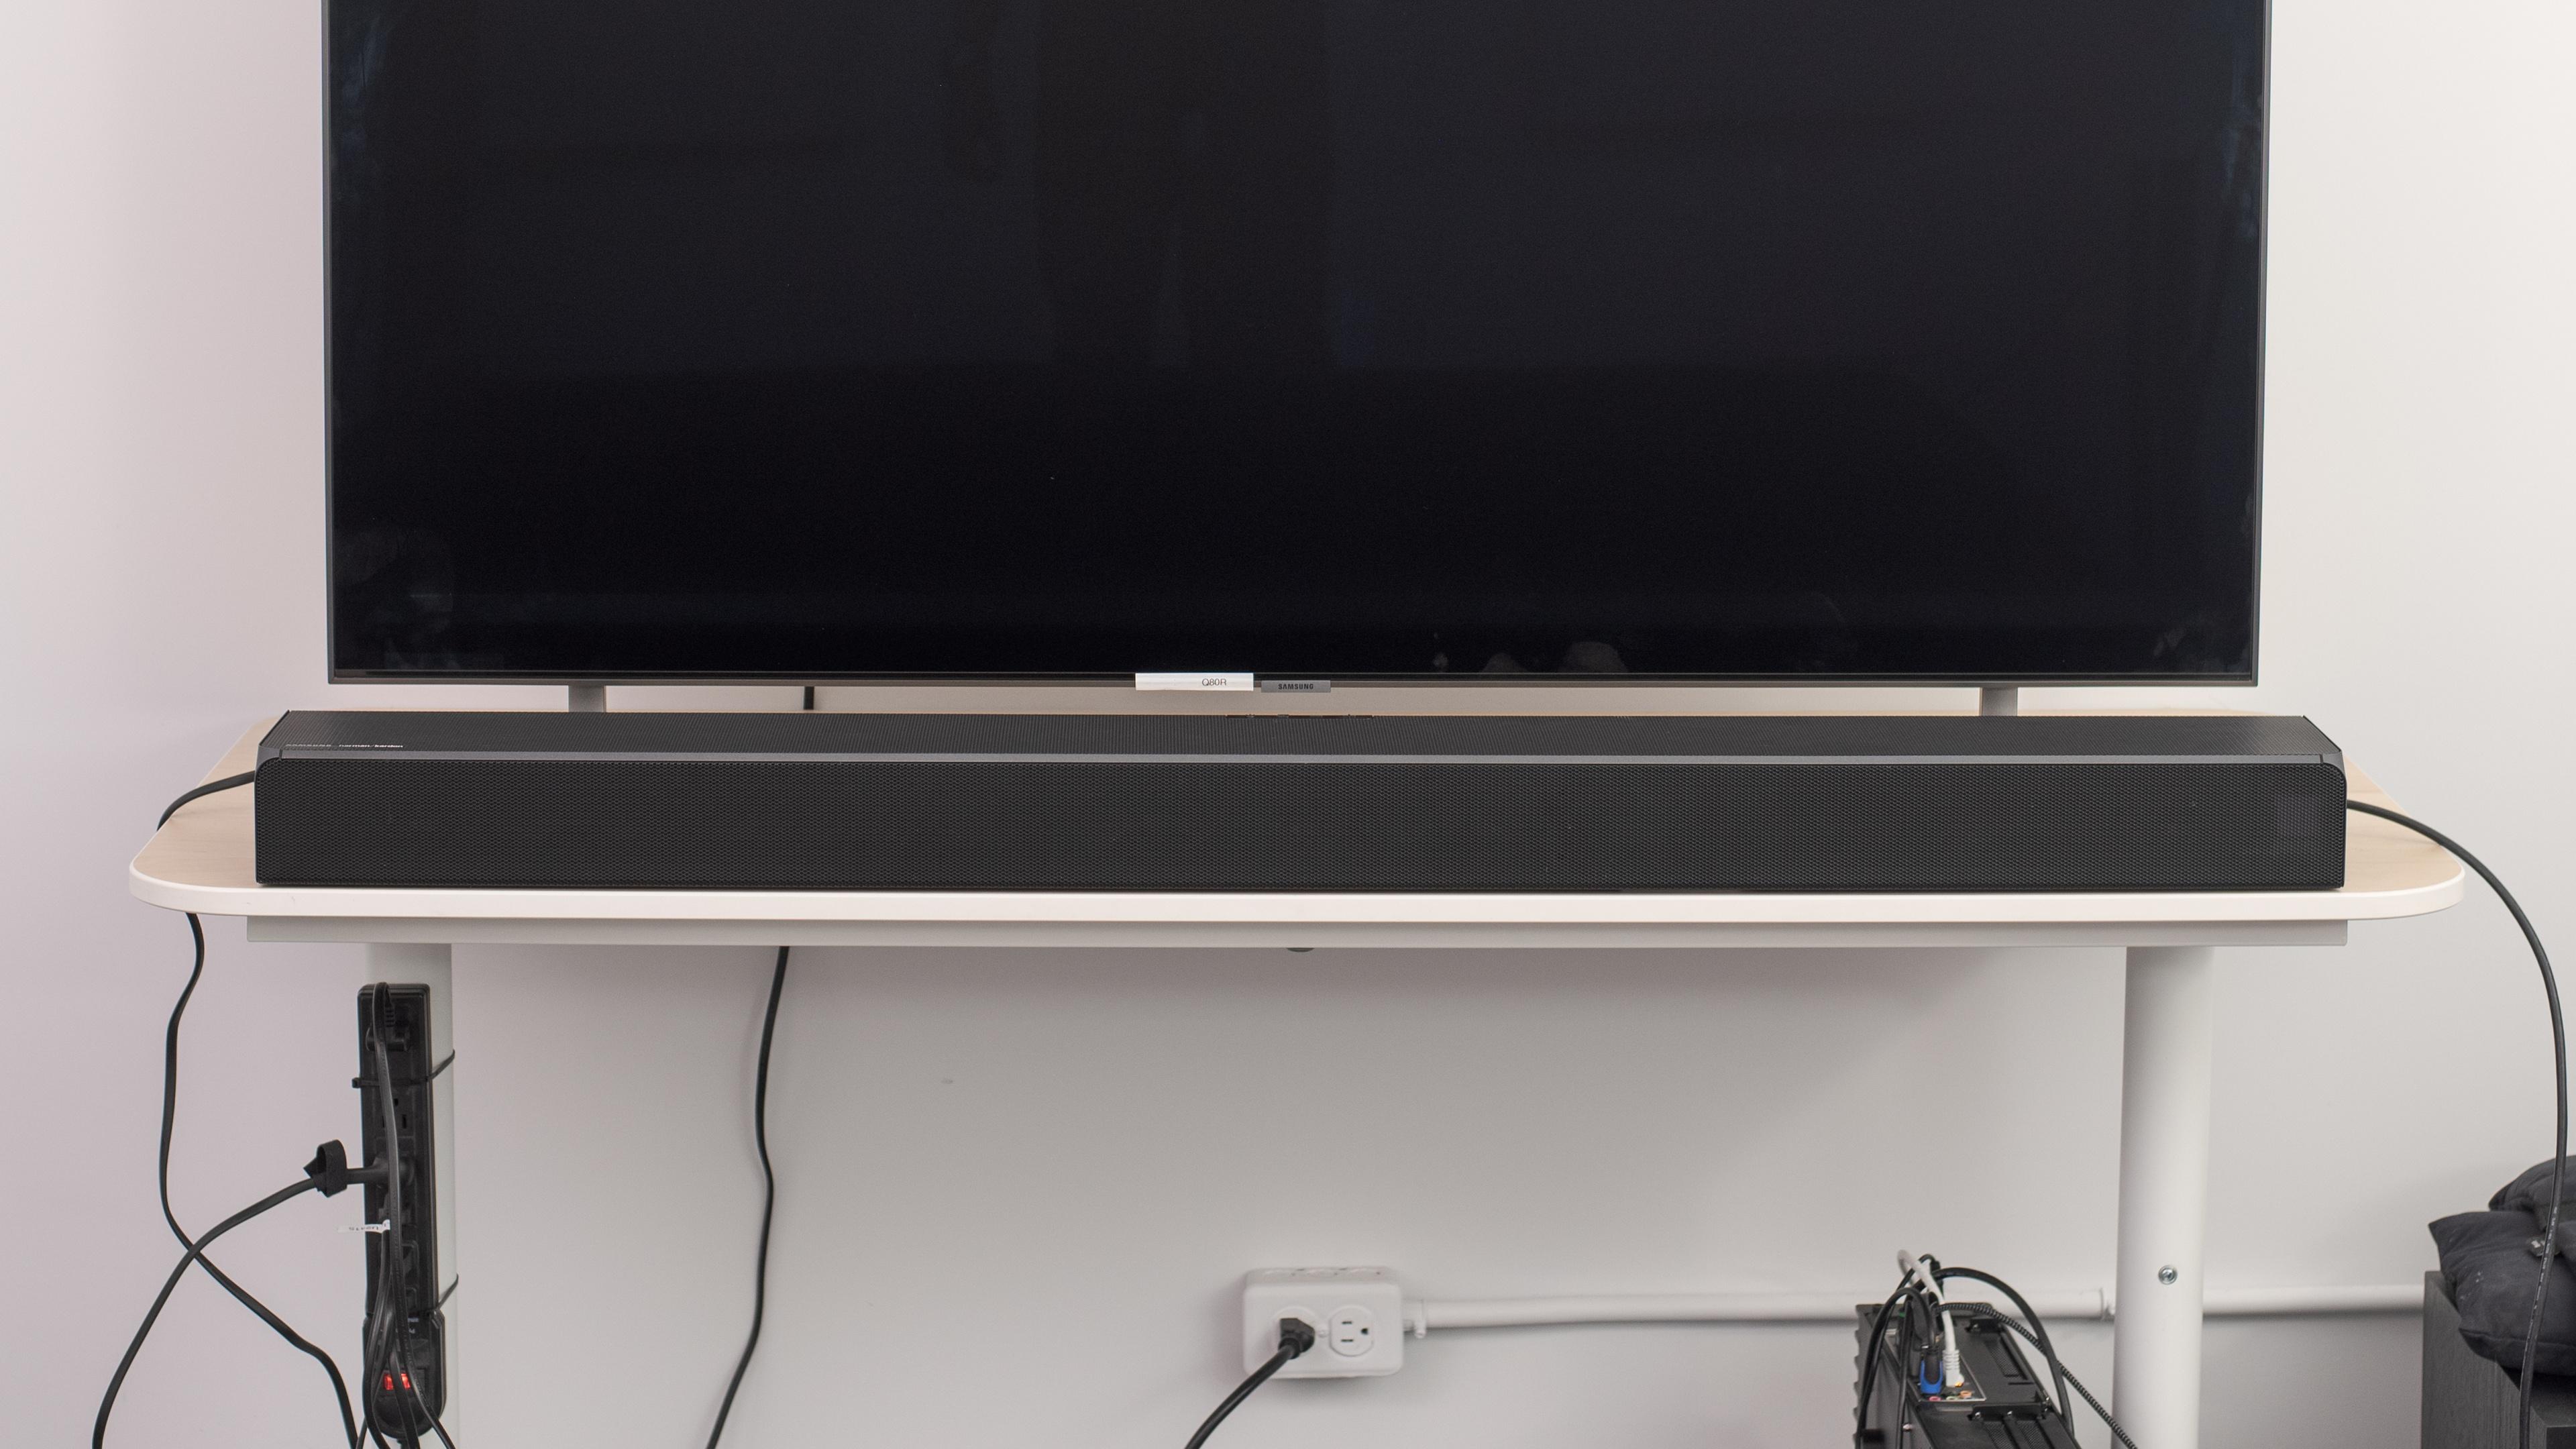 Samsung HW-Q90R Review - RTINGS.com